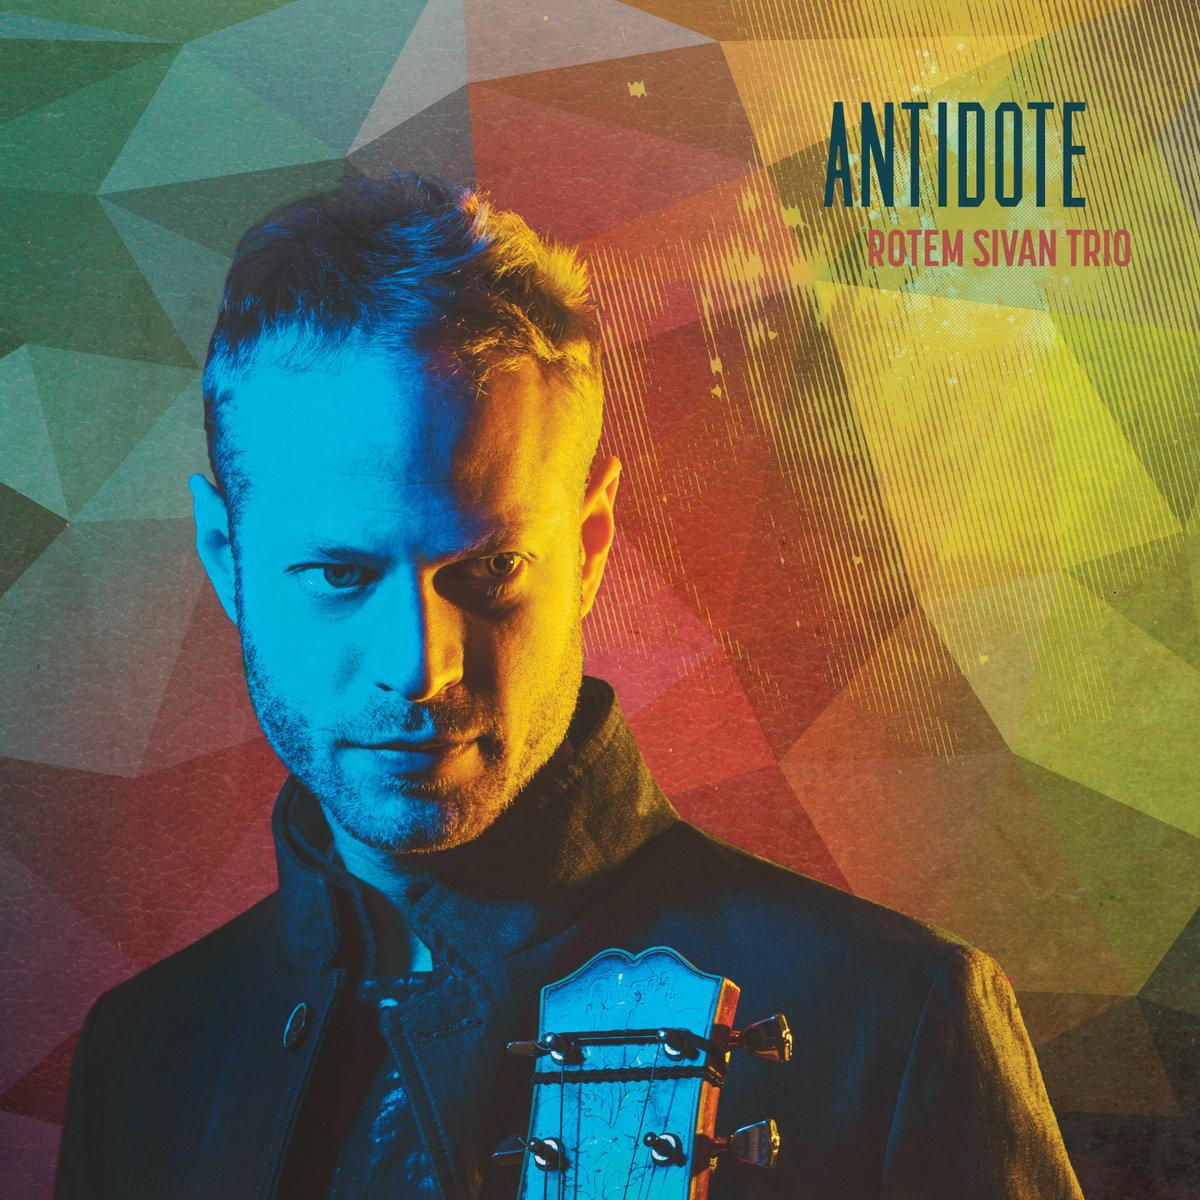 Antidote Full Album Rotem Sivan